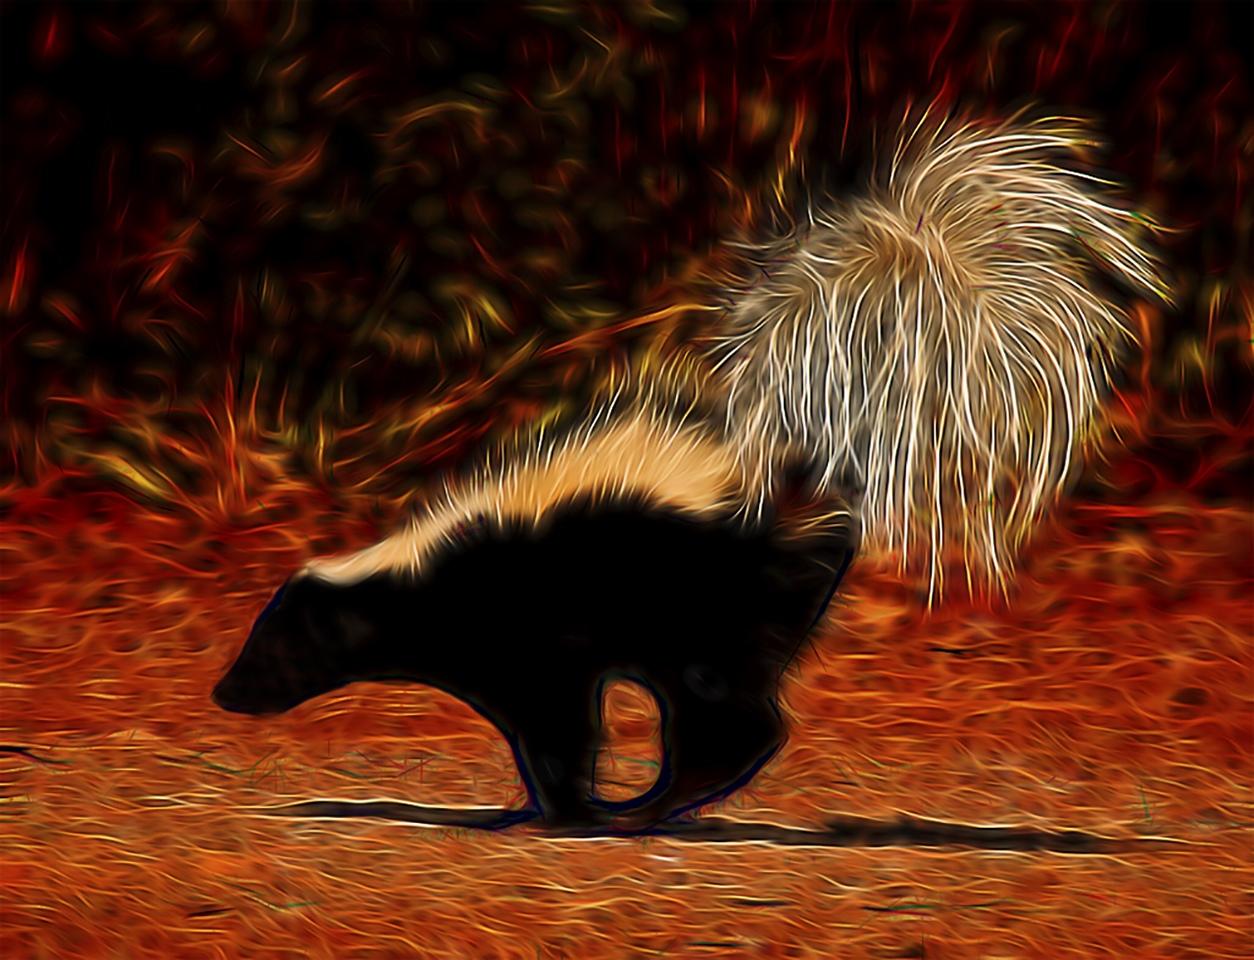 Skunked - M J Springett - WWPC